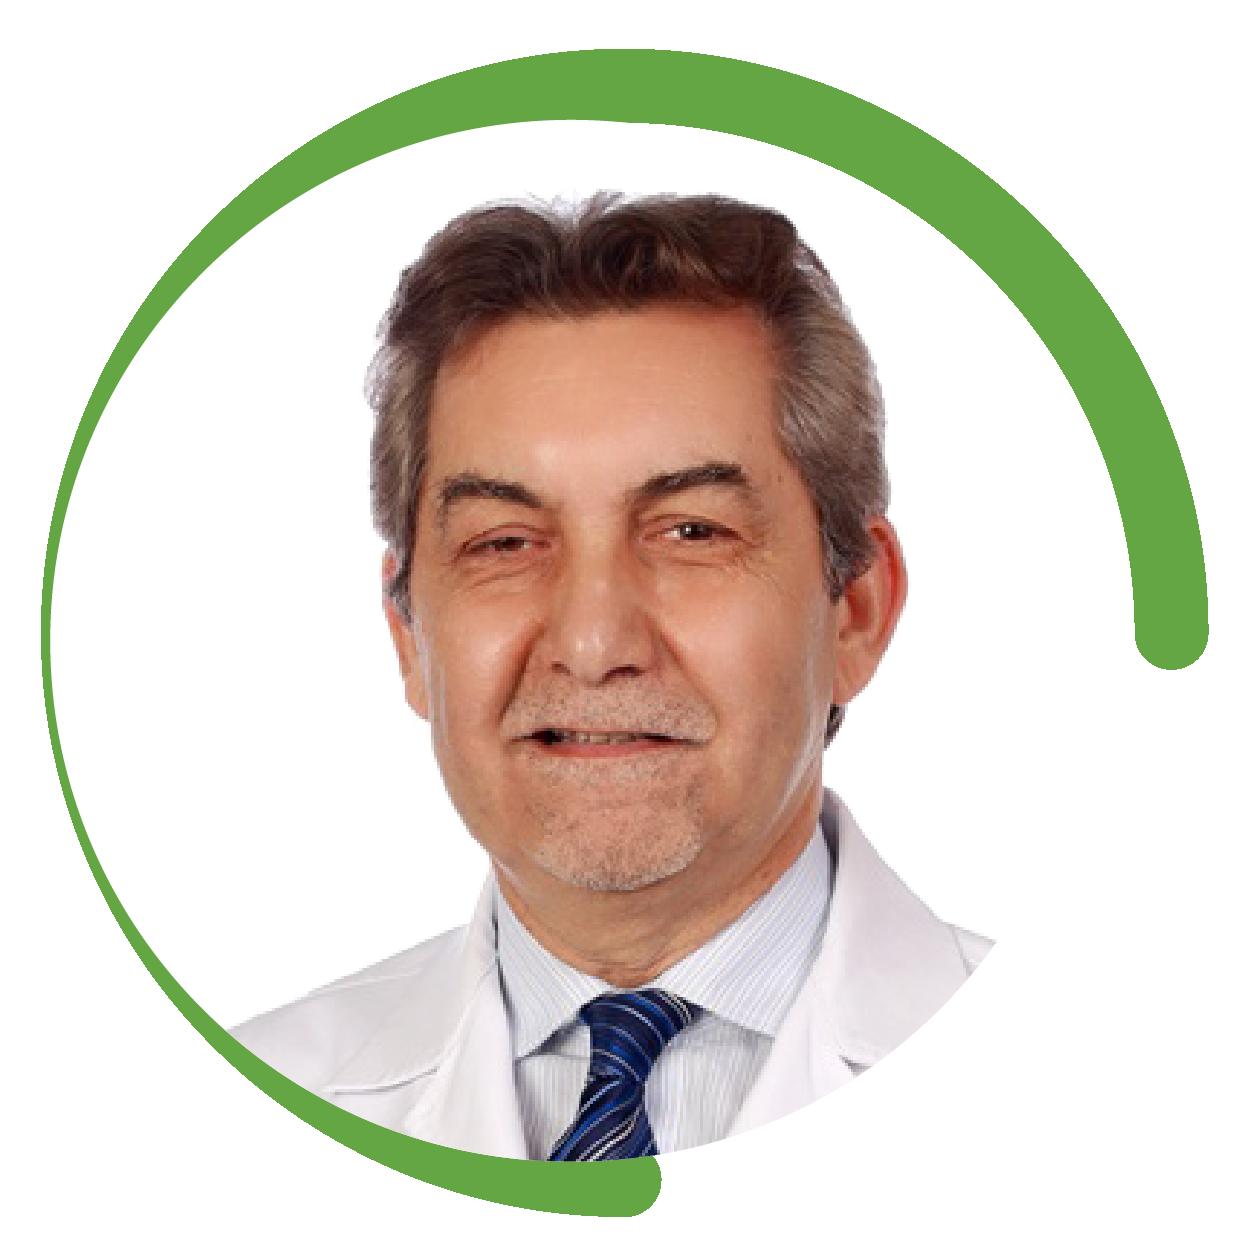 Mustafa Al Izzi